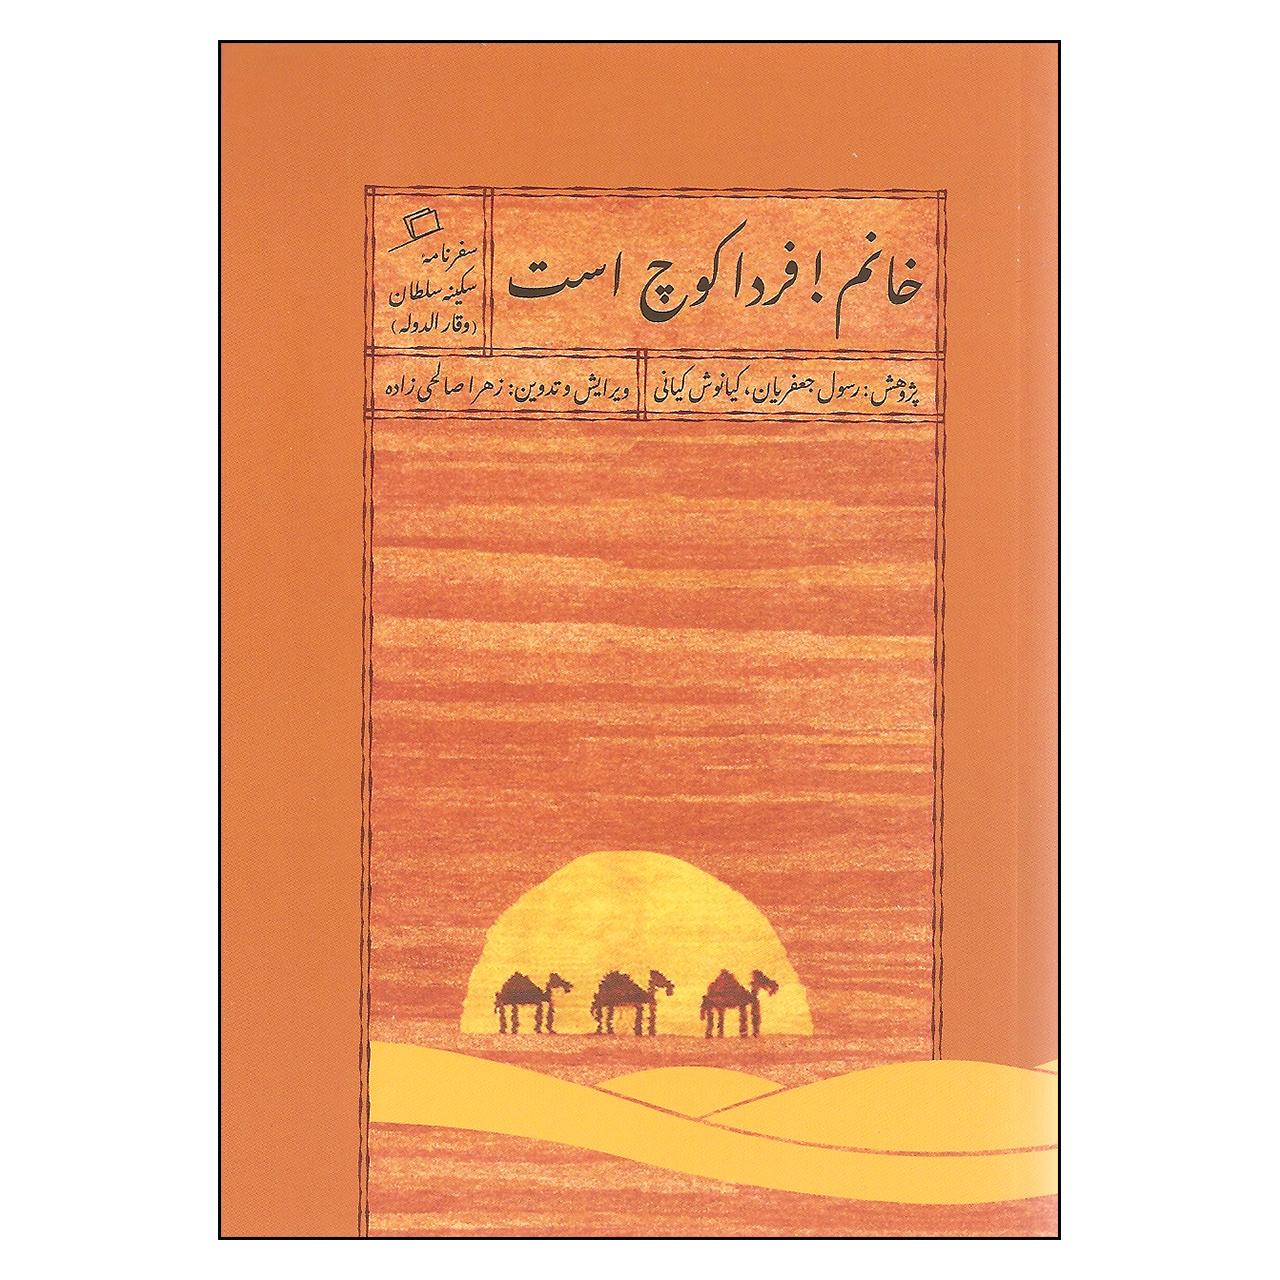 خرید                      کتاب خانم فردا کوچ است اثر رسول جعفریان و کیانوش کیانی نشر اطراف